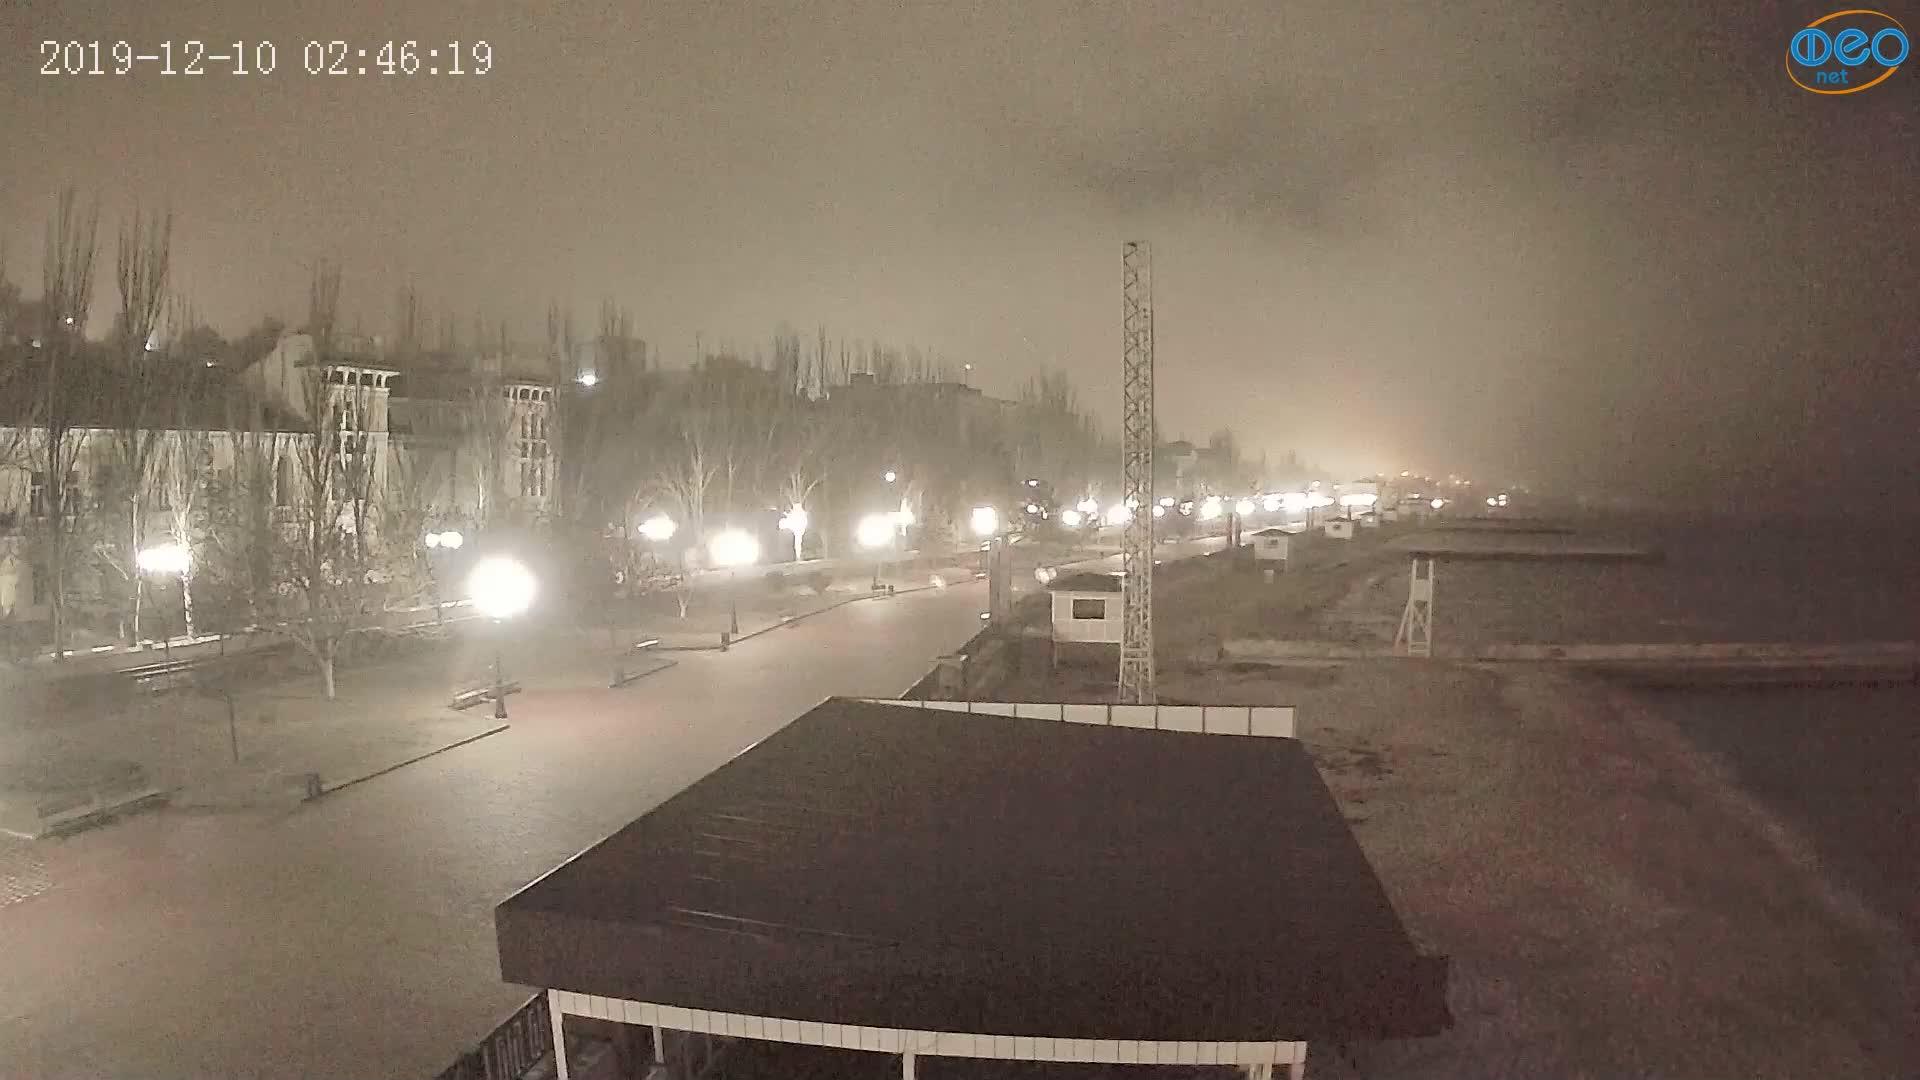 Веб-камеры Феодосии, Пляж Камешки, 2019-12-10 02:46:43